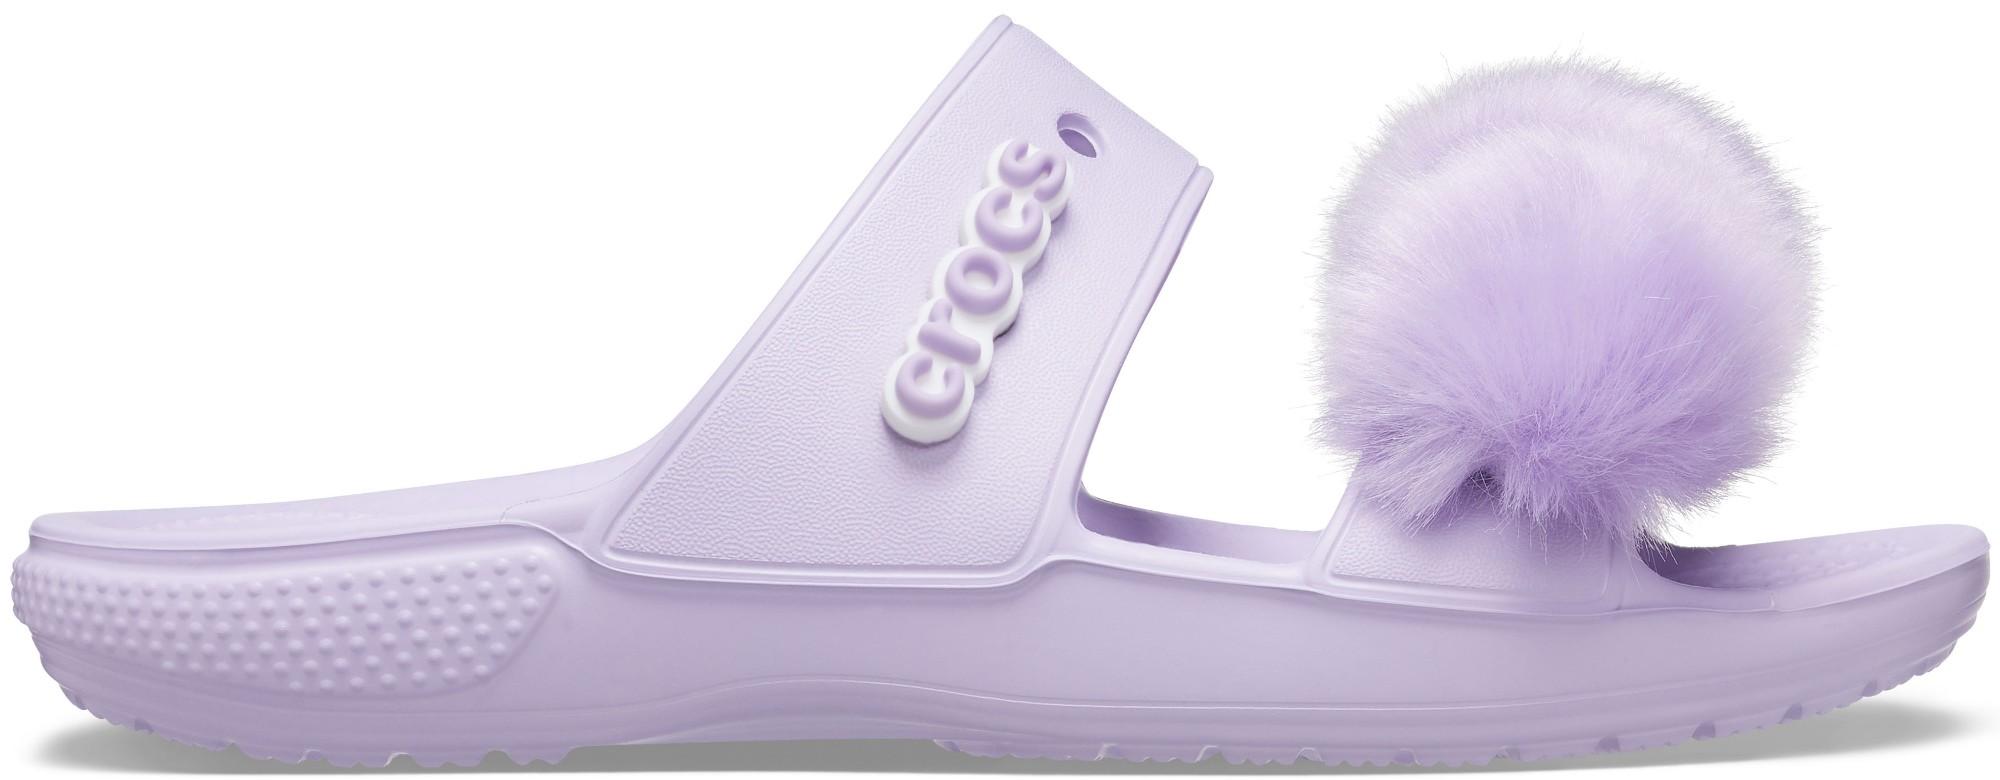 Crocs™ Classic Fur Sure Sandal Lavender 41